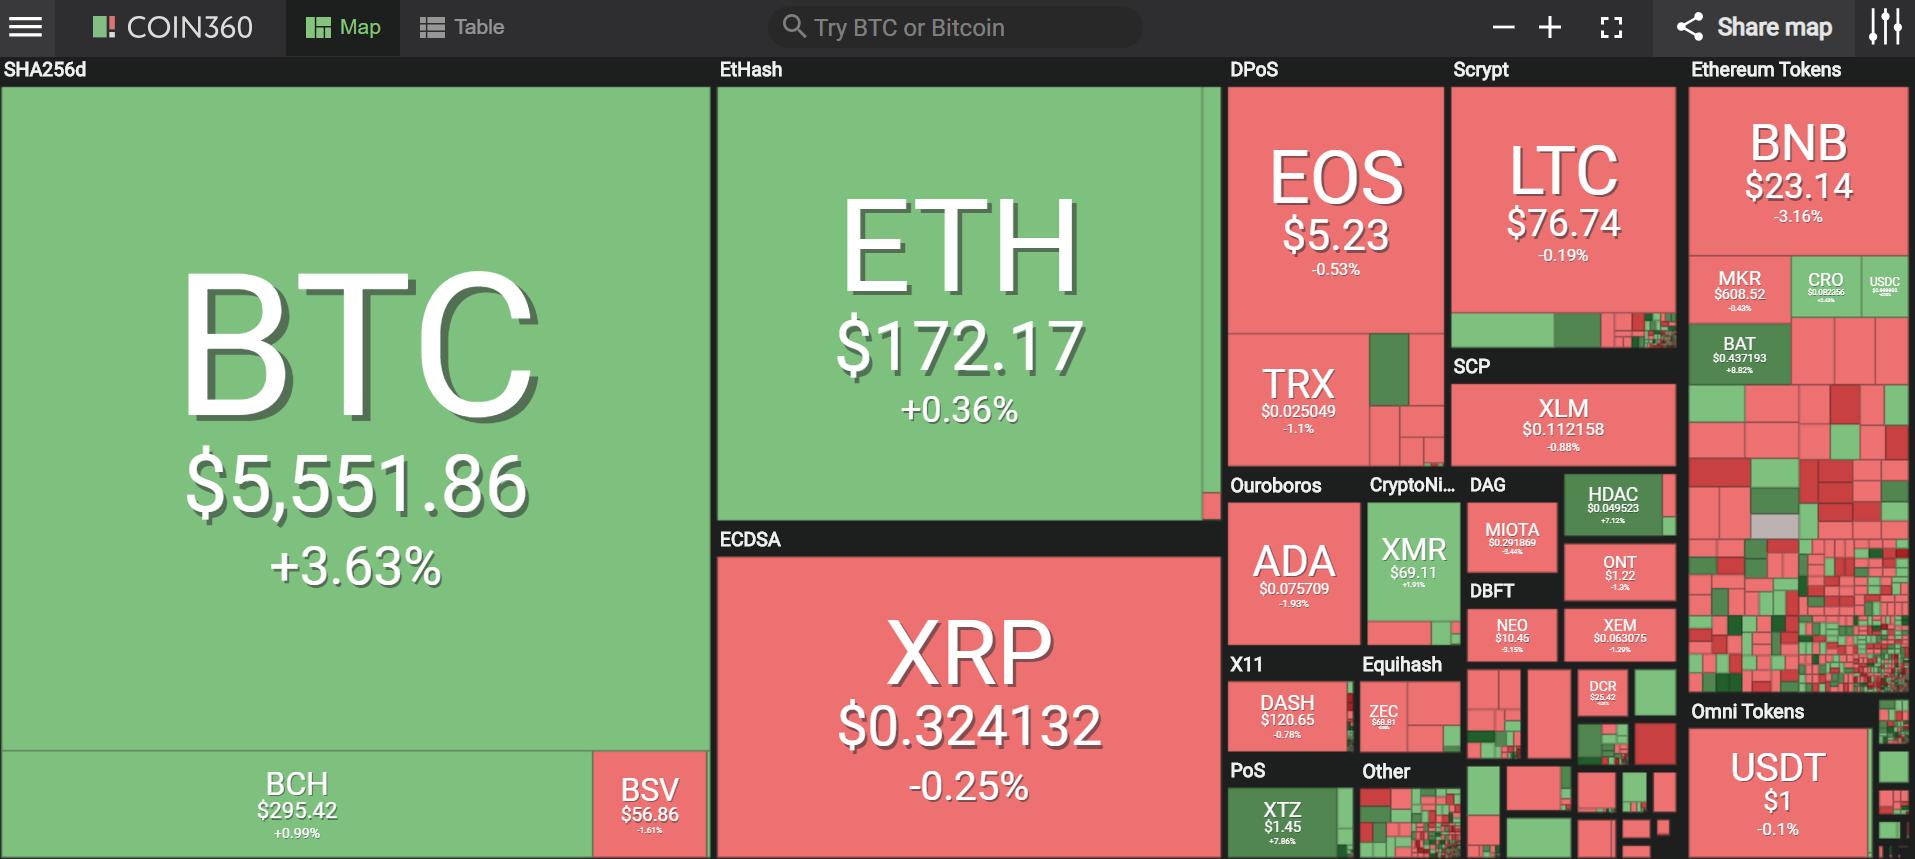 Giá bitcoin hôm nay (24/4) vượt 5.500 USD, đồng tiền nào đang dẫn dắt thị trường? - Ảnh 2.